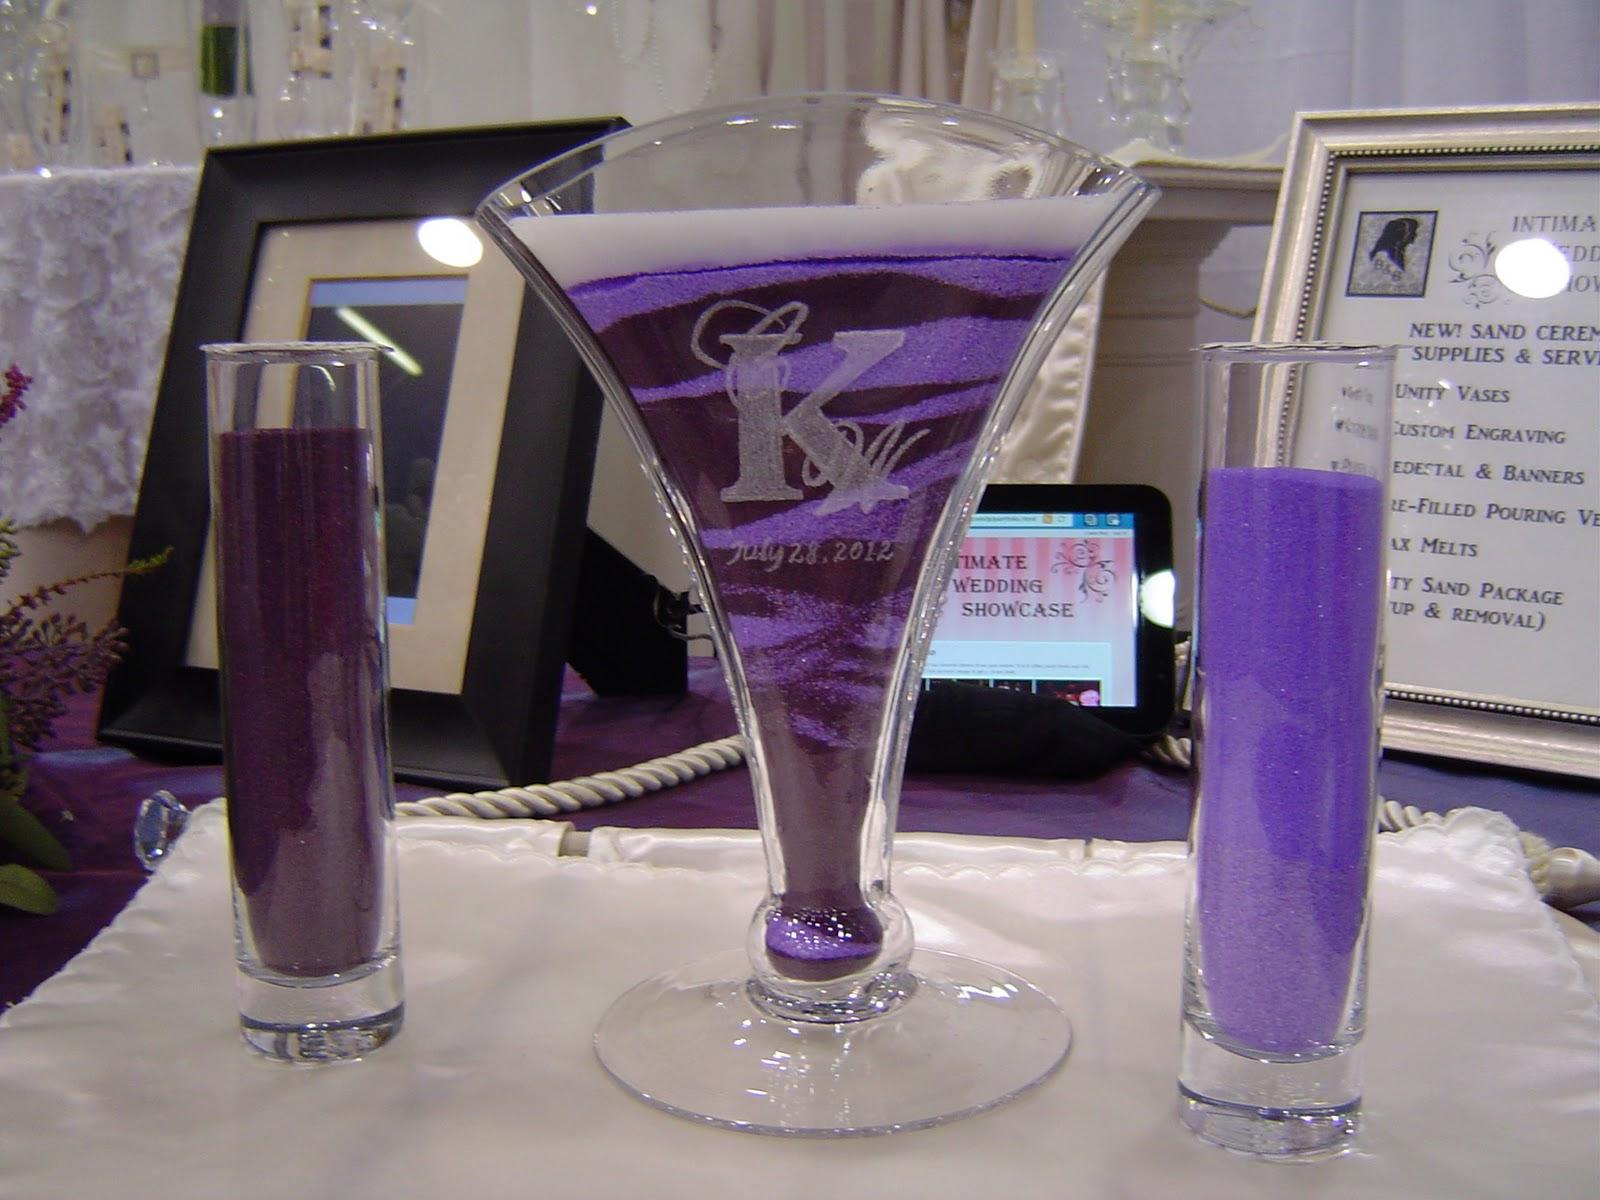 intimateweddingshowcase blogspot wedding sand ceremony B B s Custom Engraved Unity Vases